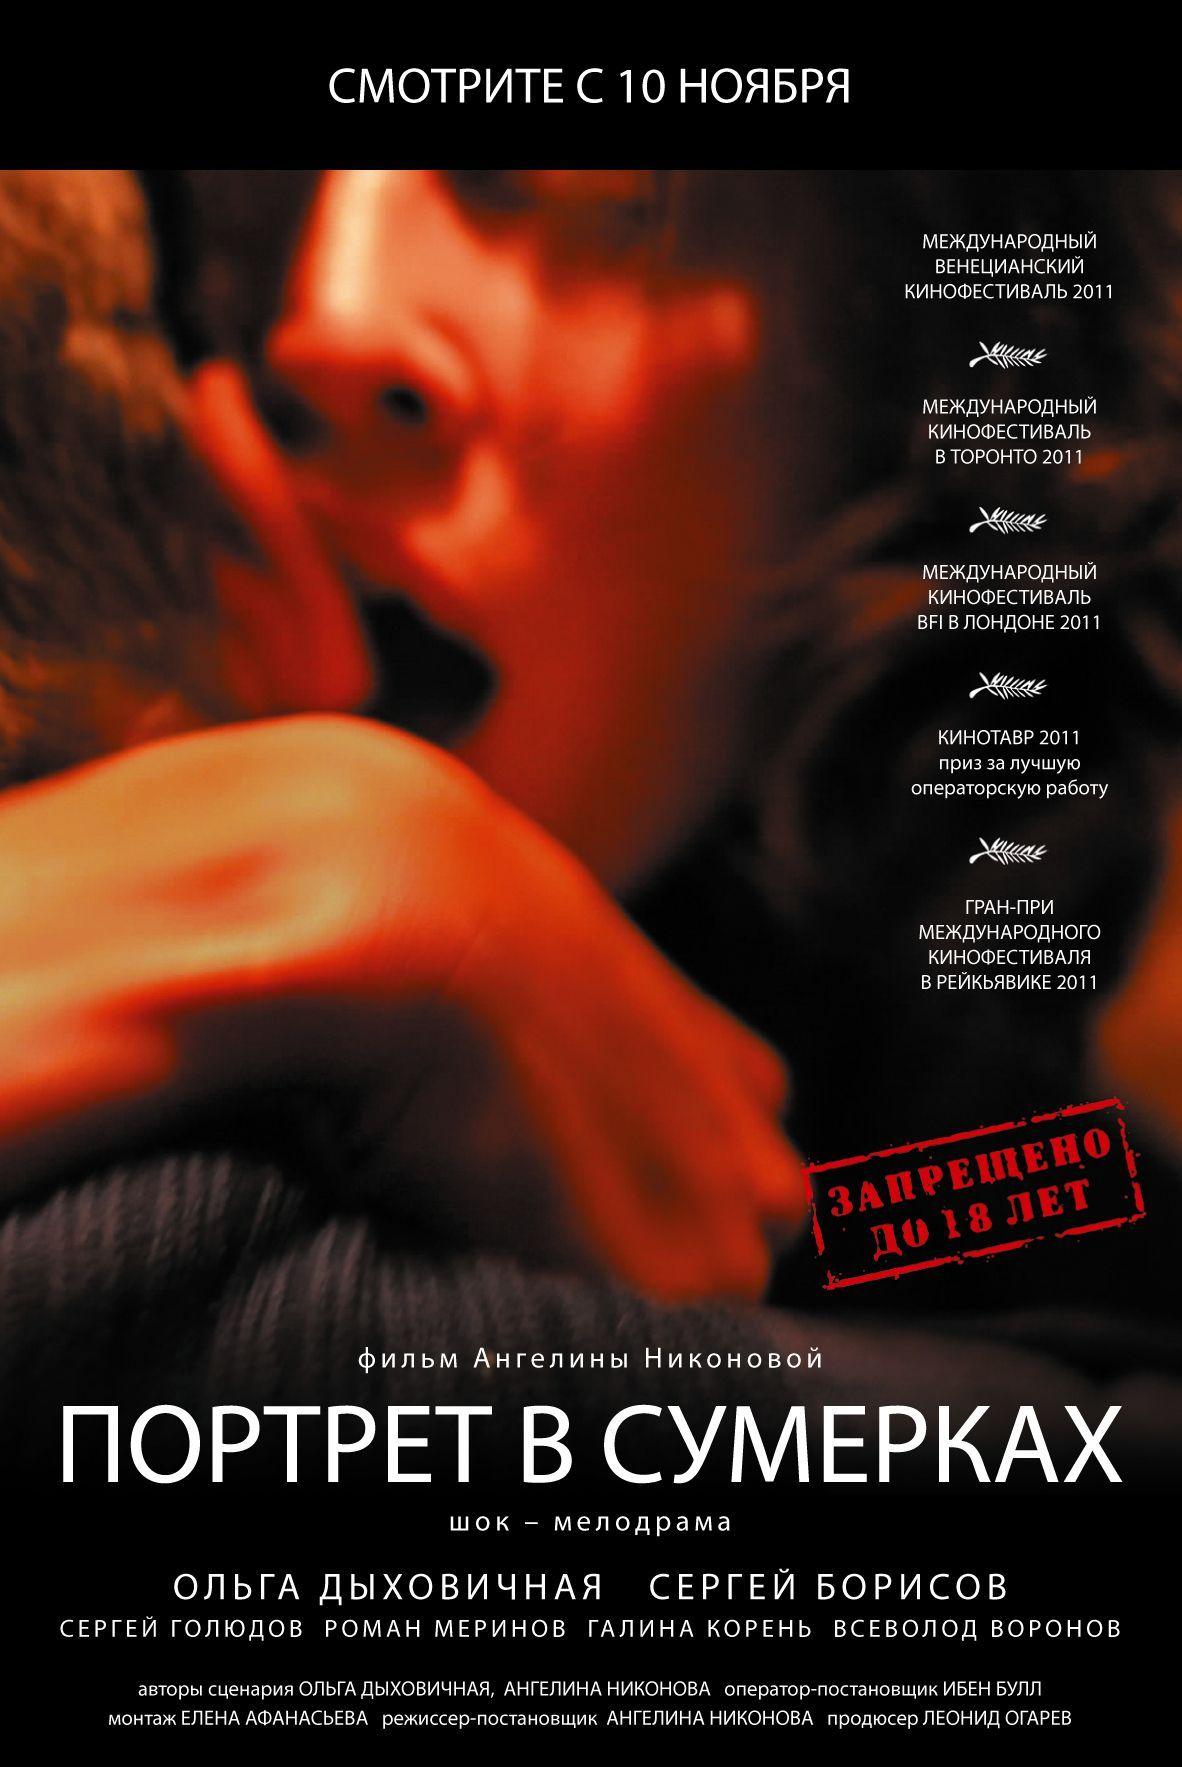 плакат фильма постер Портрет в сумерках